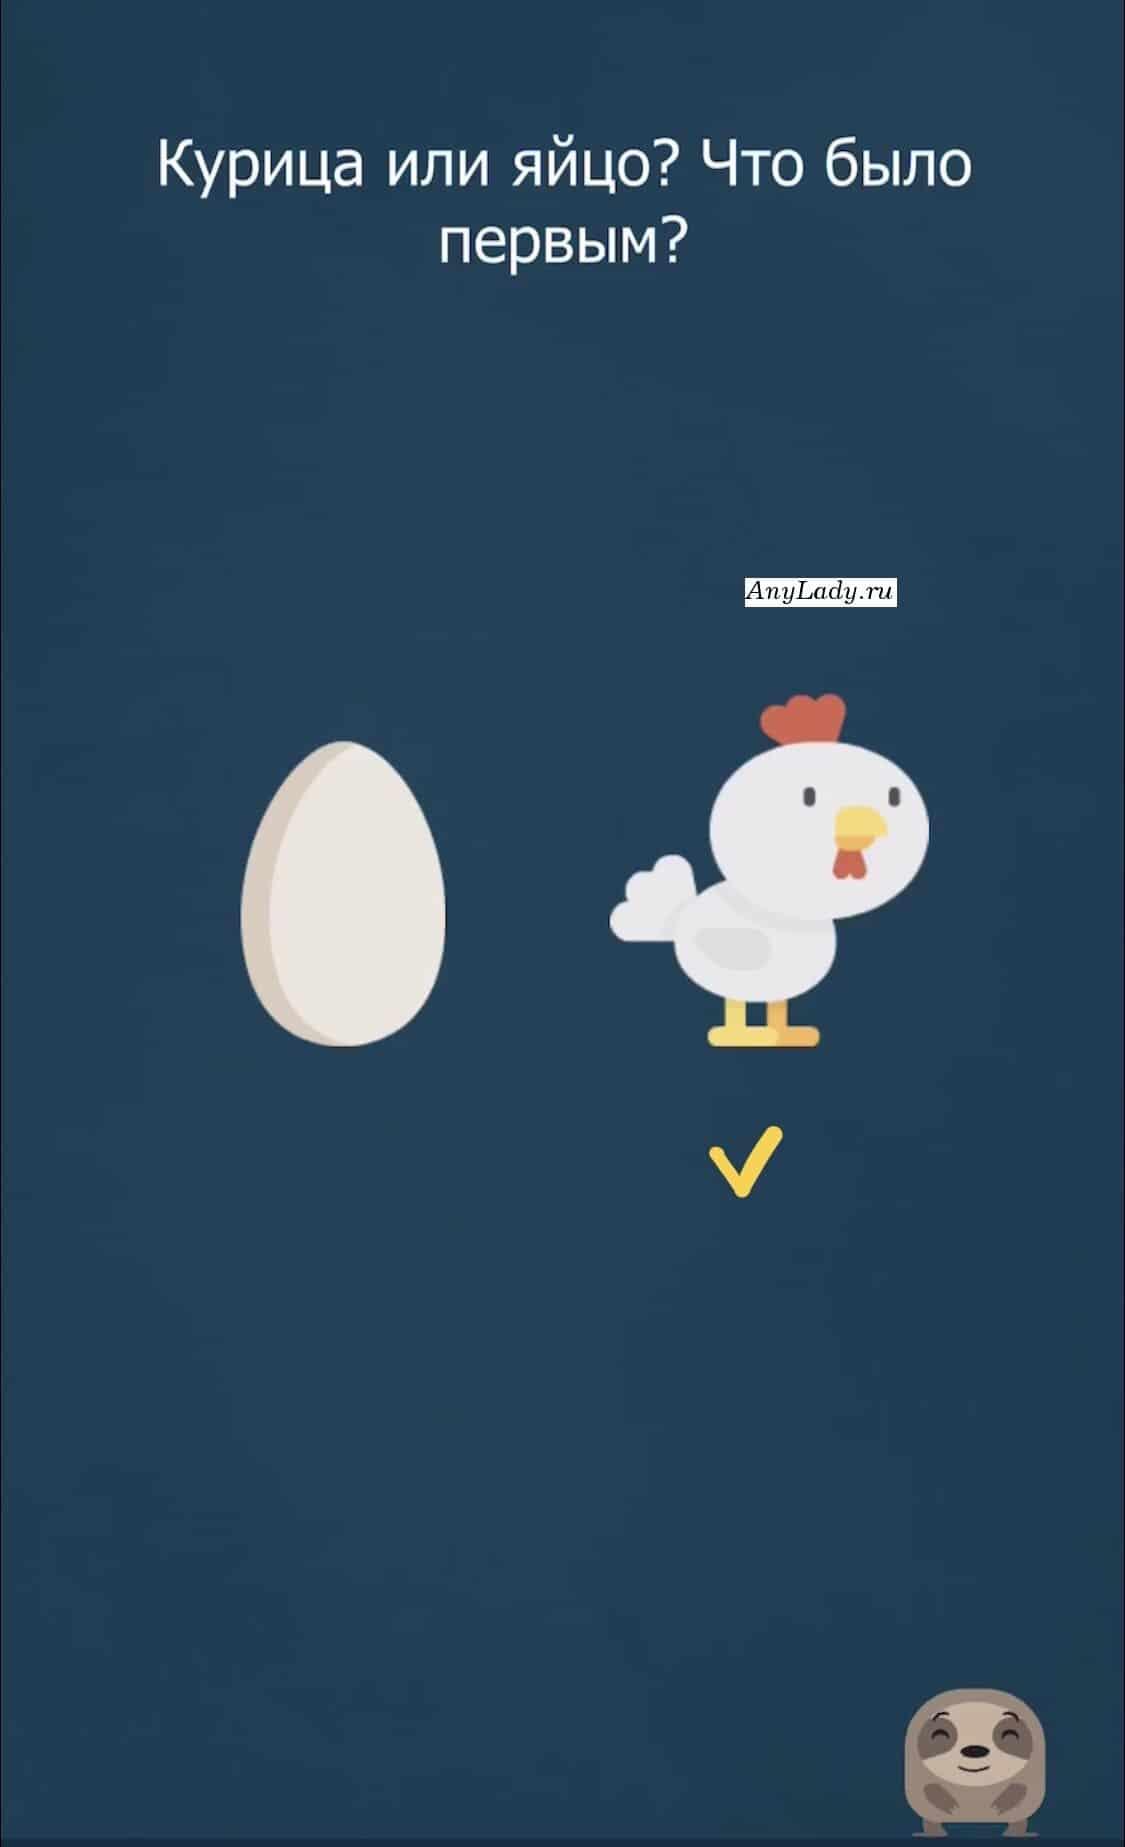 В нашем случае, раньше была курица. В предложении она стоит на первом месте.